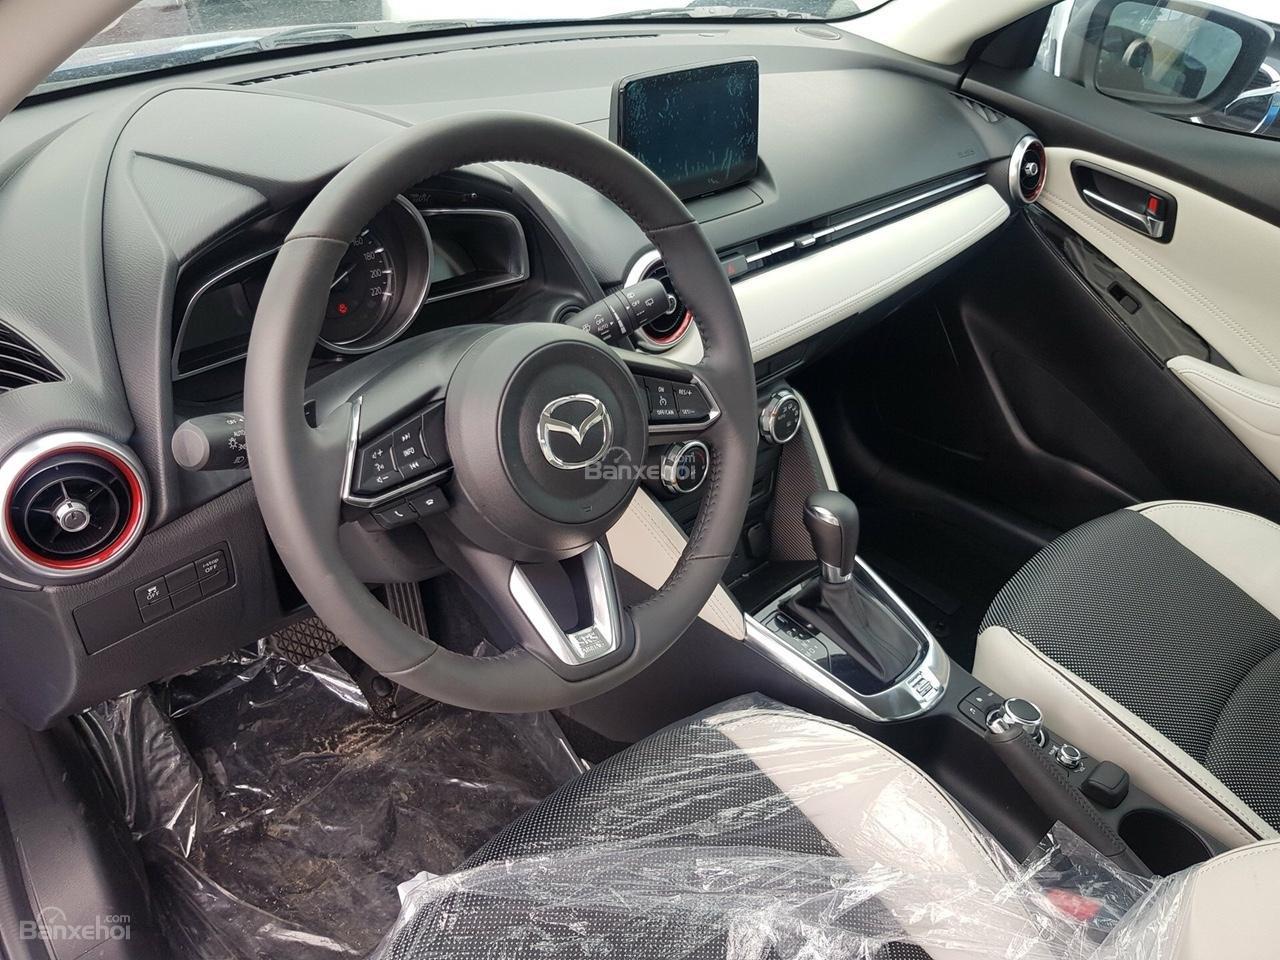 Bán Mazda 2 Hatchback Premium CBU nhập khẩu Thái Lan quà hấp dẫn, trả góp tối đa, xe giao nhanh, liên hệ 0973.560.137 (3)